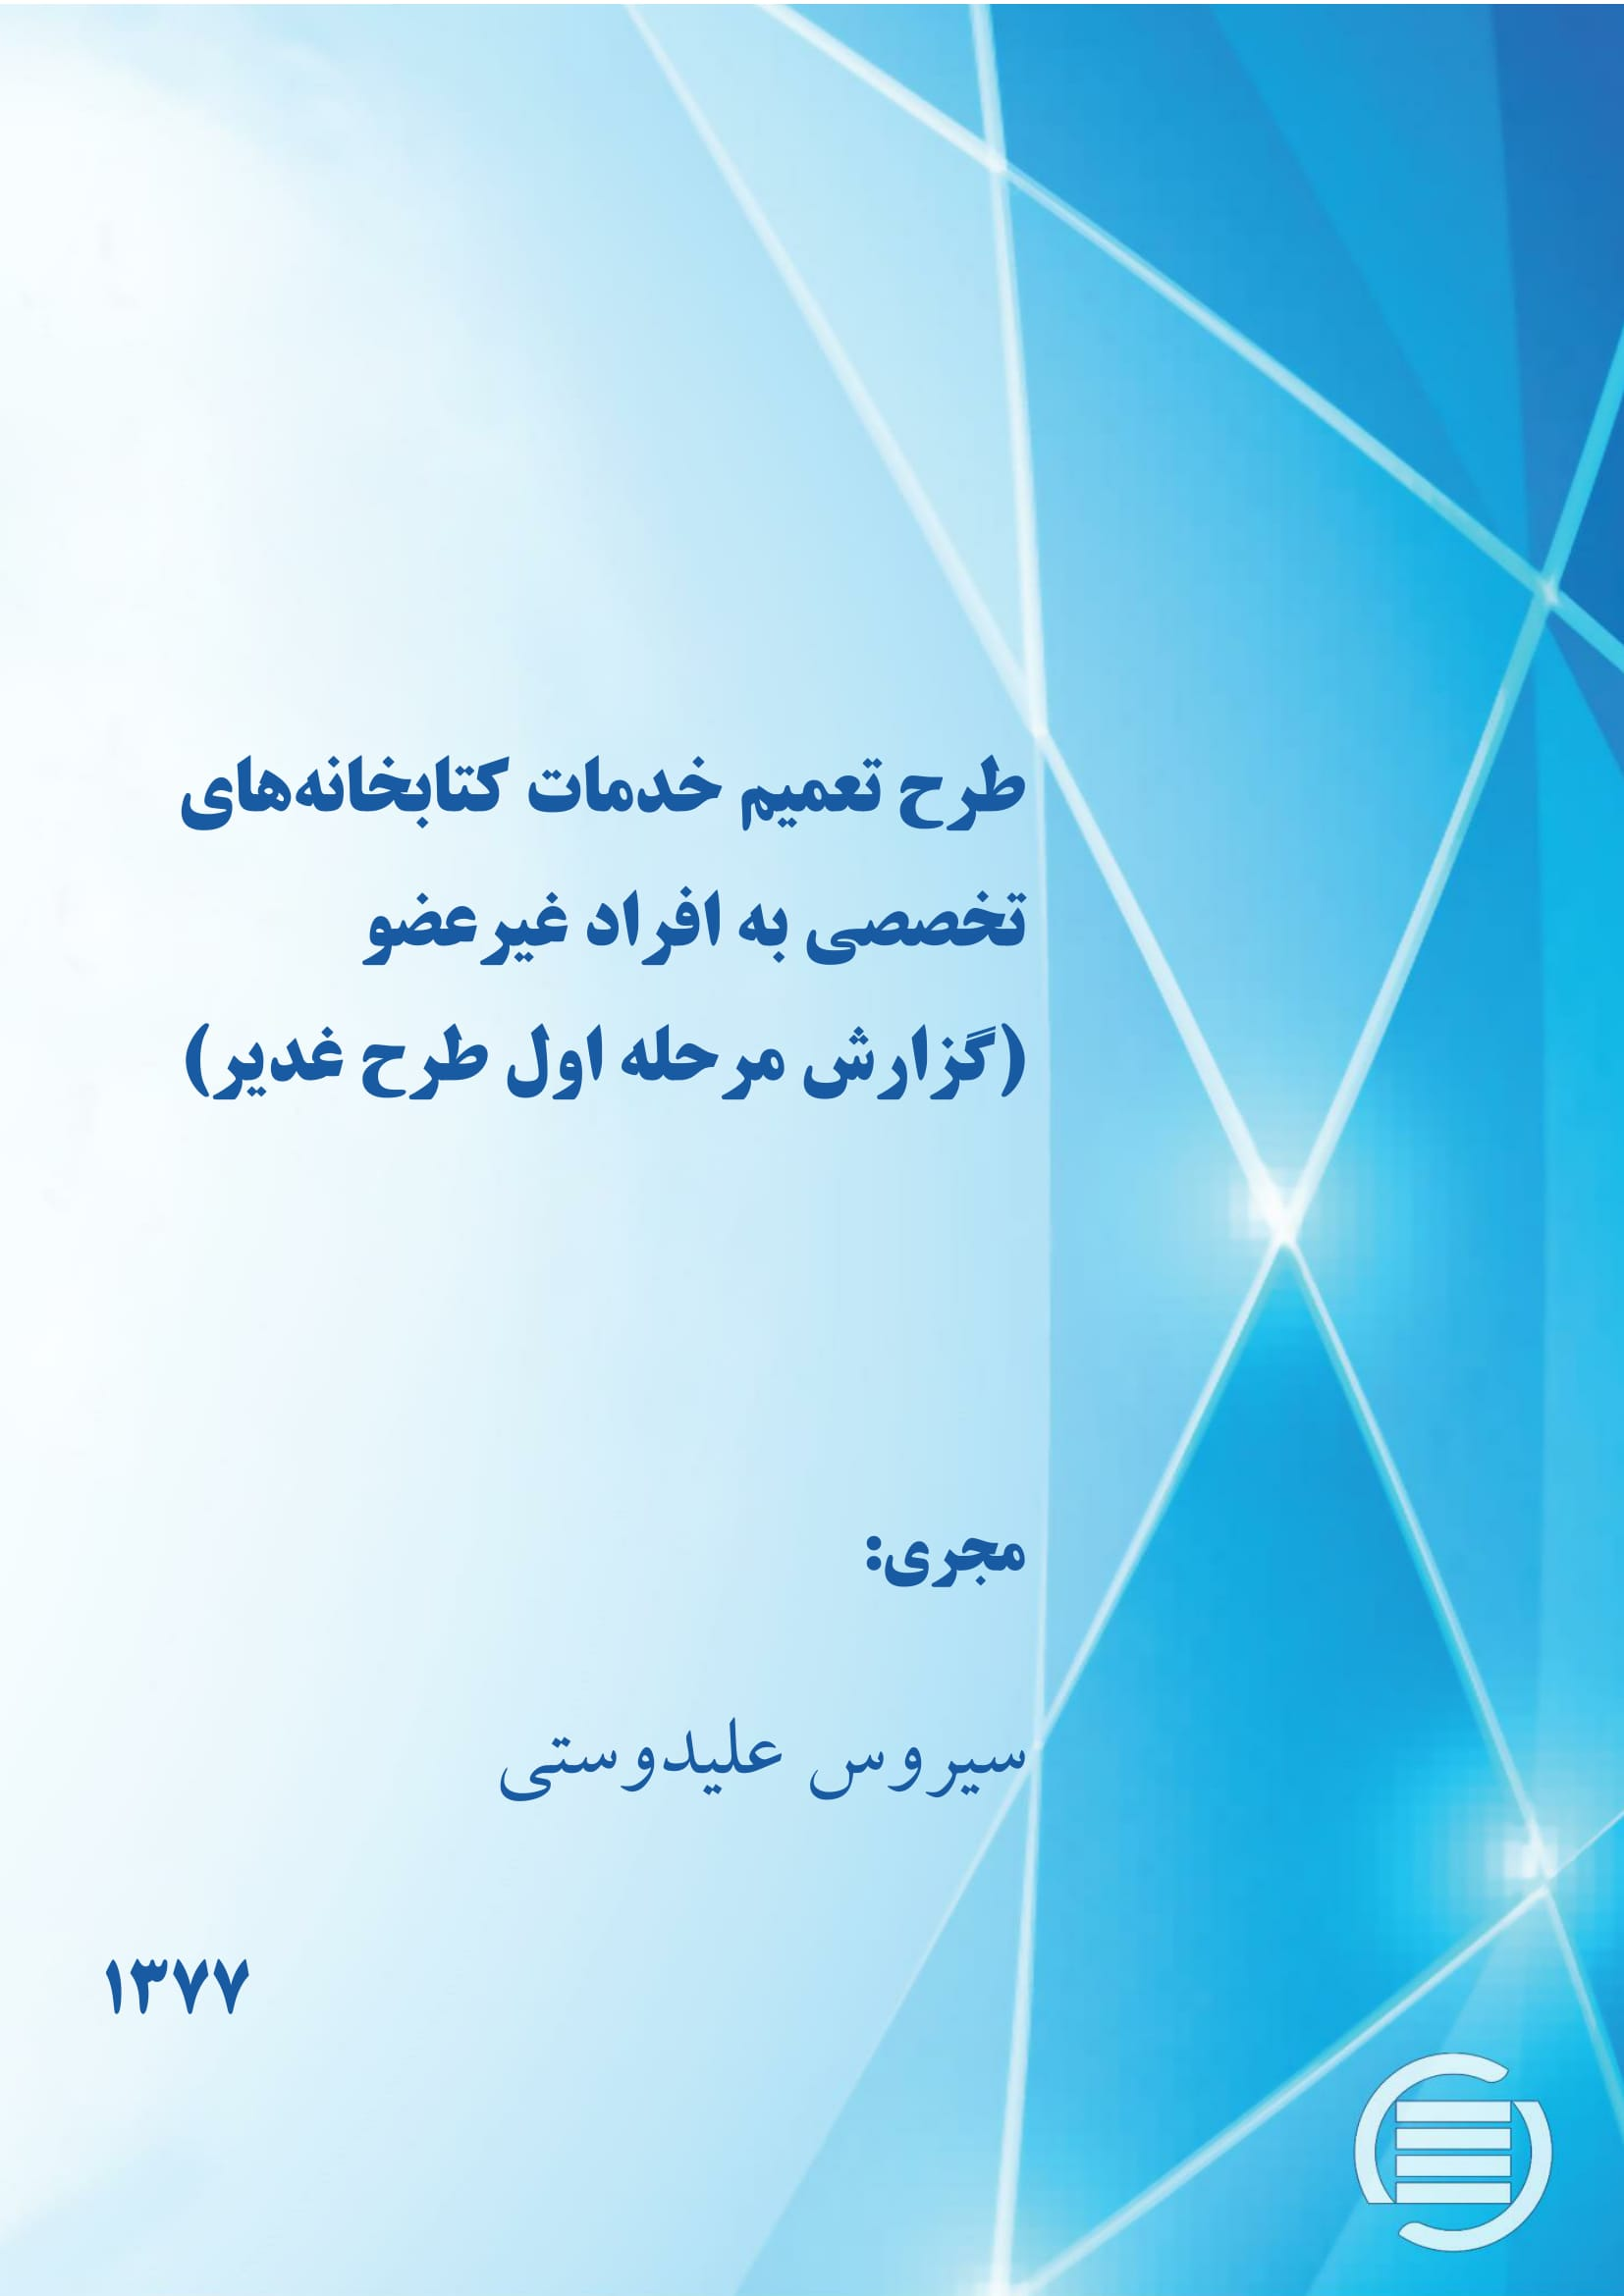 طرح تعمیم خدمات کتابخانههای تخصصی به افراد غیرعضو (گزارش مرحله اول طرح غدیر)